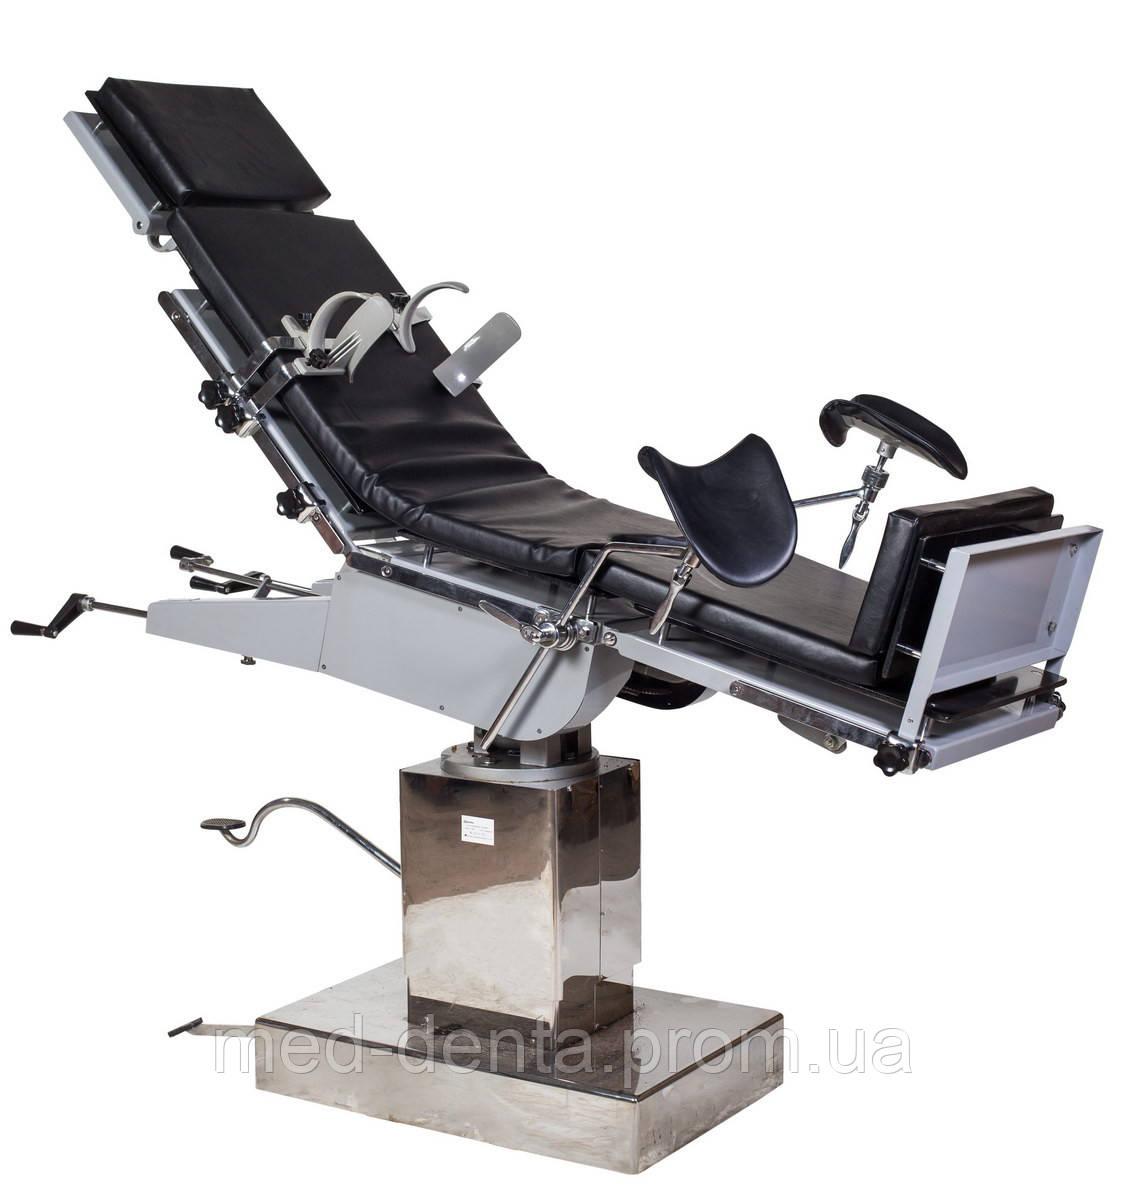 Стол операционный 3008 (механико-гидравлический, рентгенпрозрачный)  NaviStom